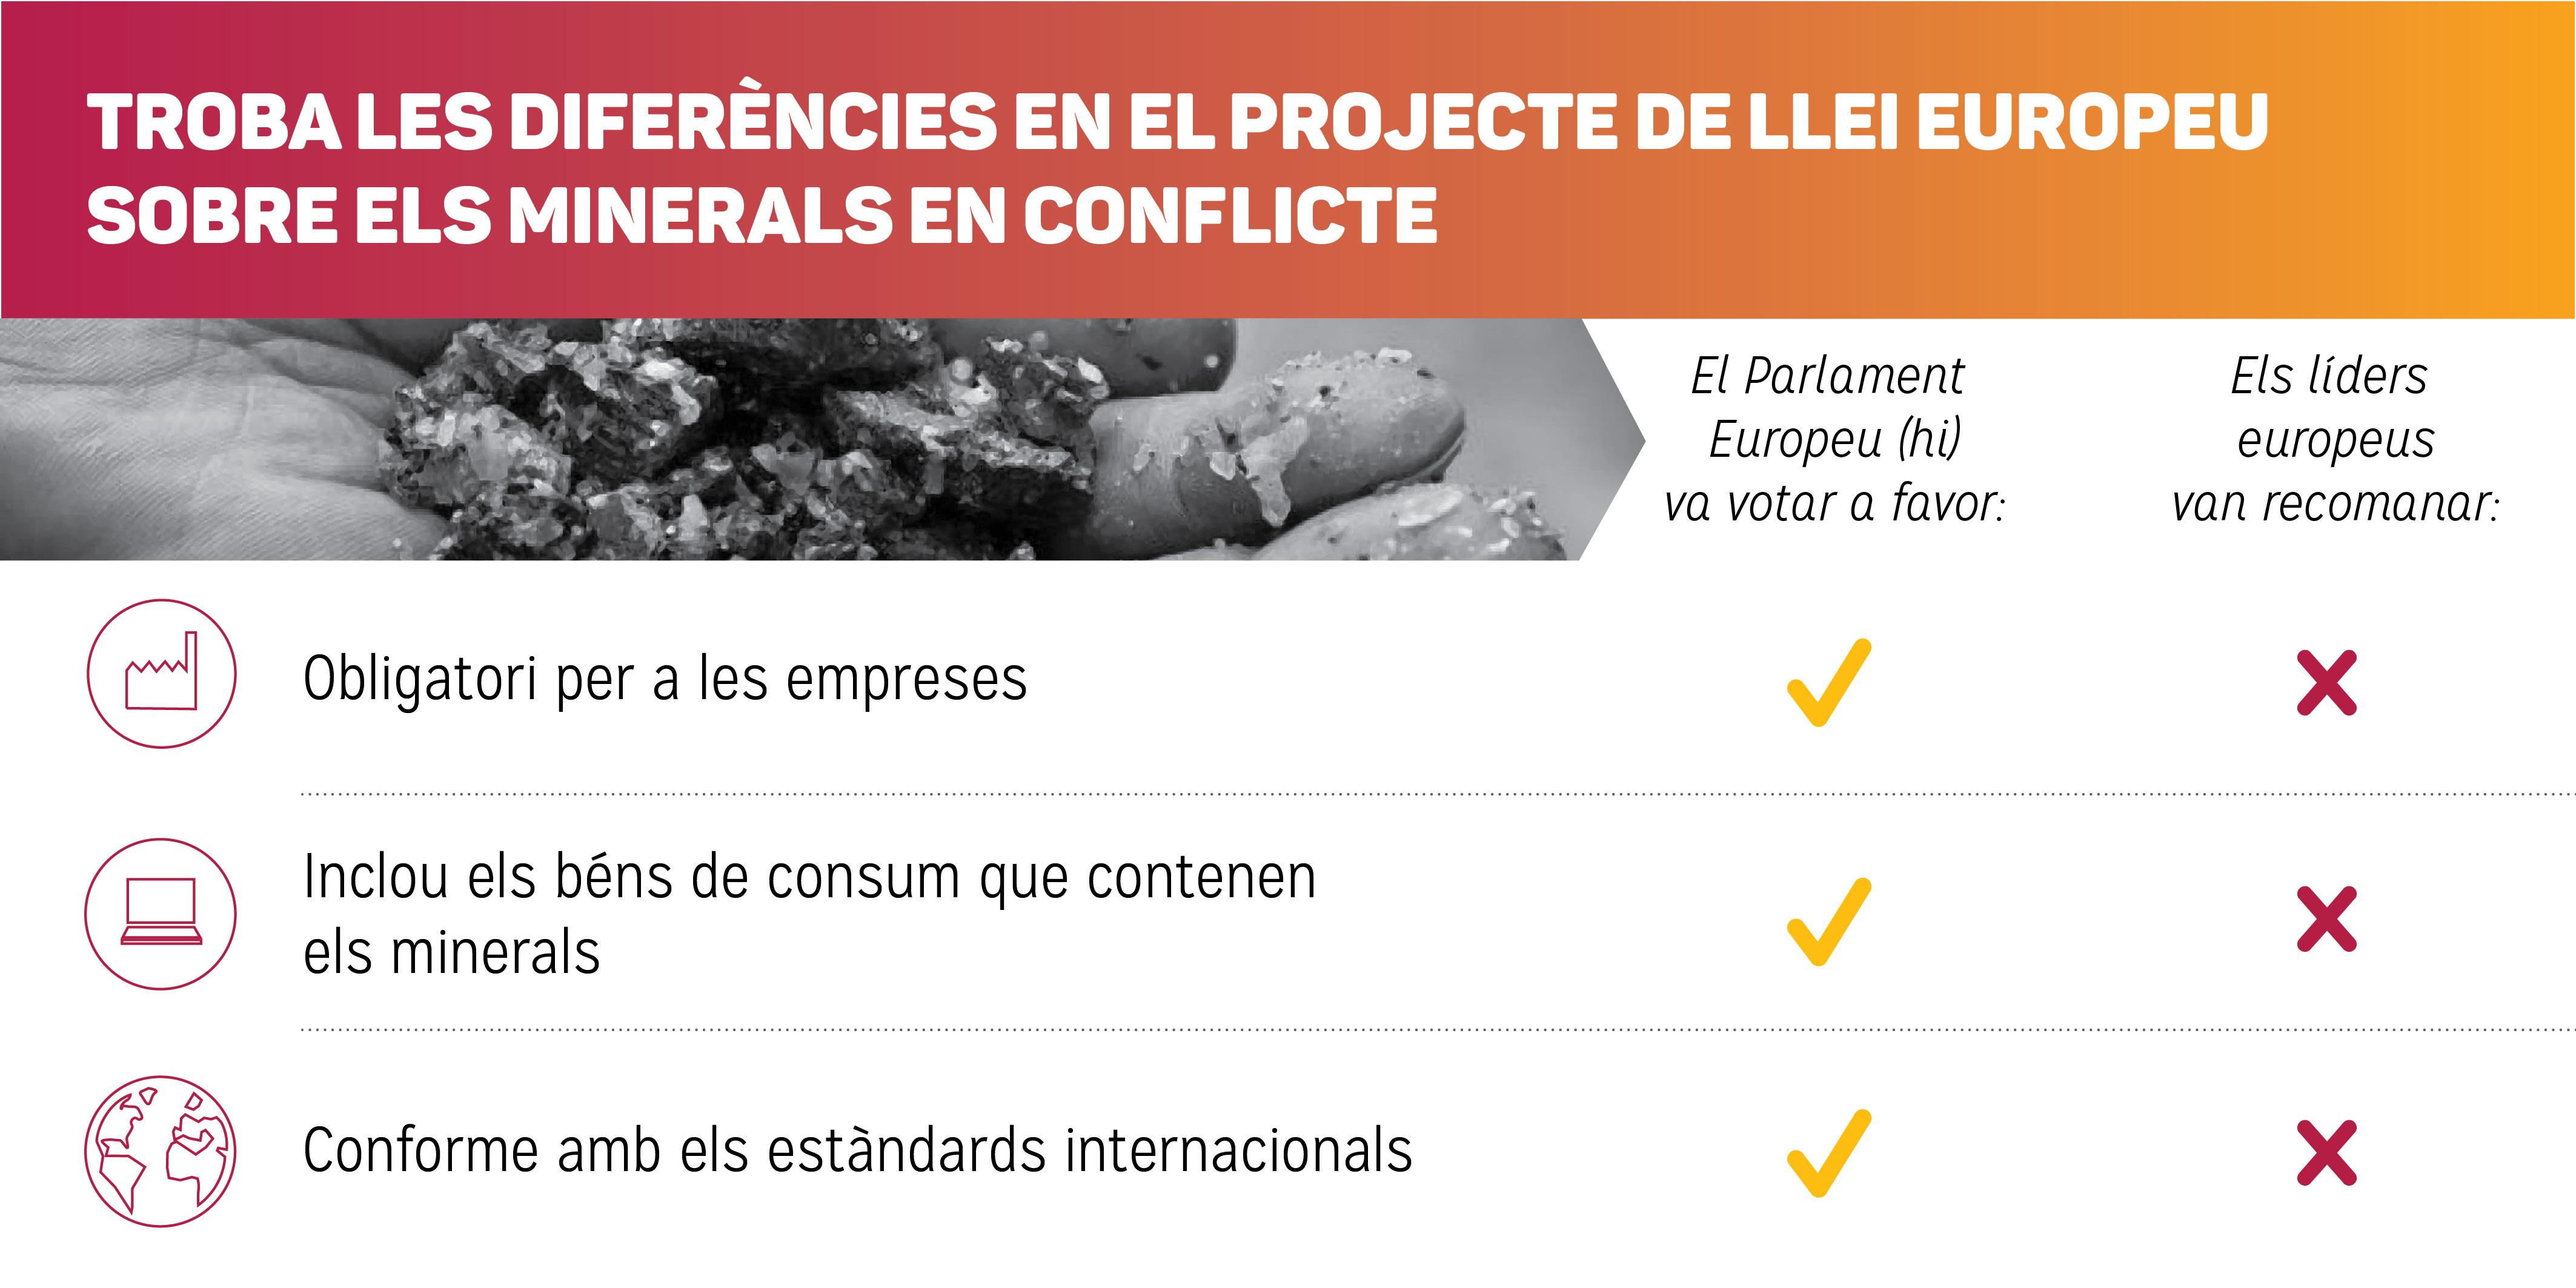 Crida de més de 70 ONG per a una llei que aturi l'extracció i el comerç il·lícit dels #ConflictMinerals